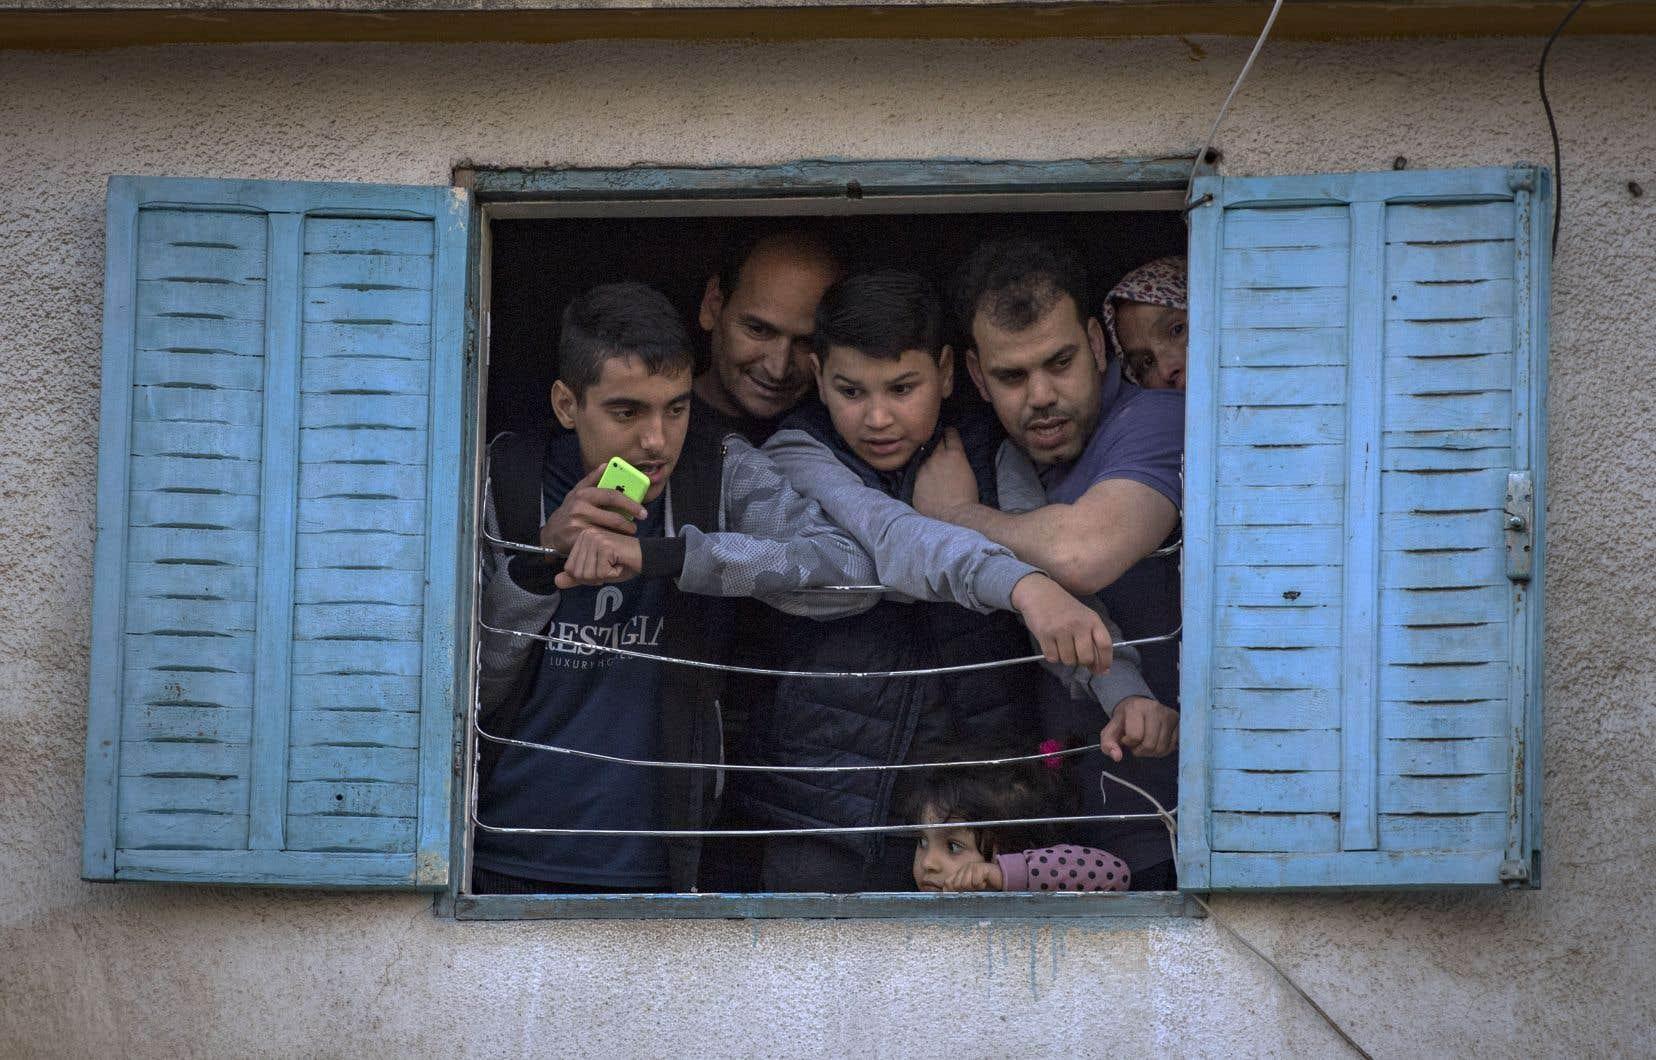 La perspective préhistorique permet de comprendre le rapport aux pandémies de l'humanité plus ou moins cloîtrée, plus ou moins en relations, estime l'archéologue français Jean-Paul Demoule. Sur la photo, des habitants confinés dans la ville de Rabat, au Maroc.